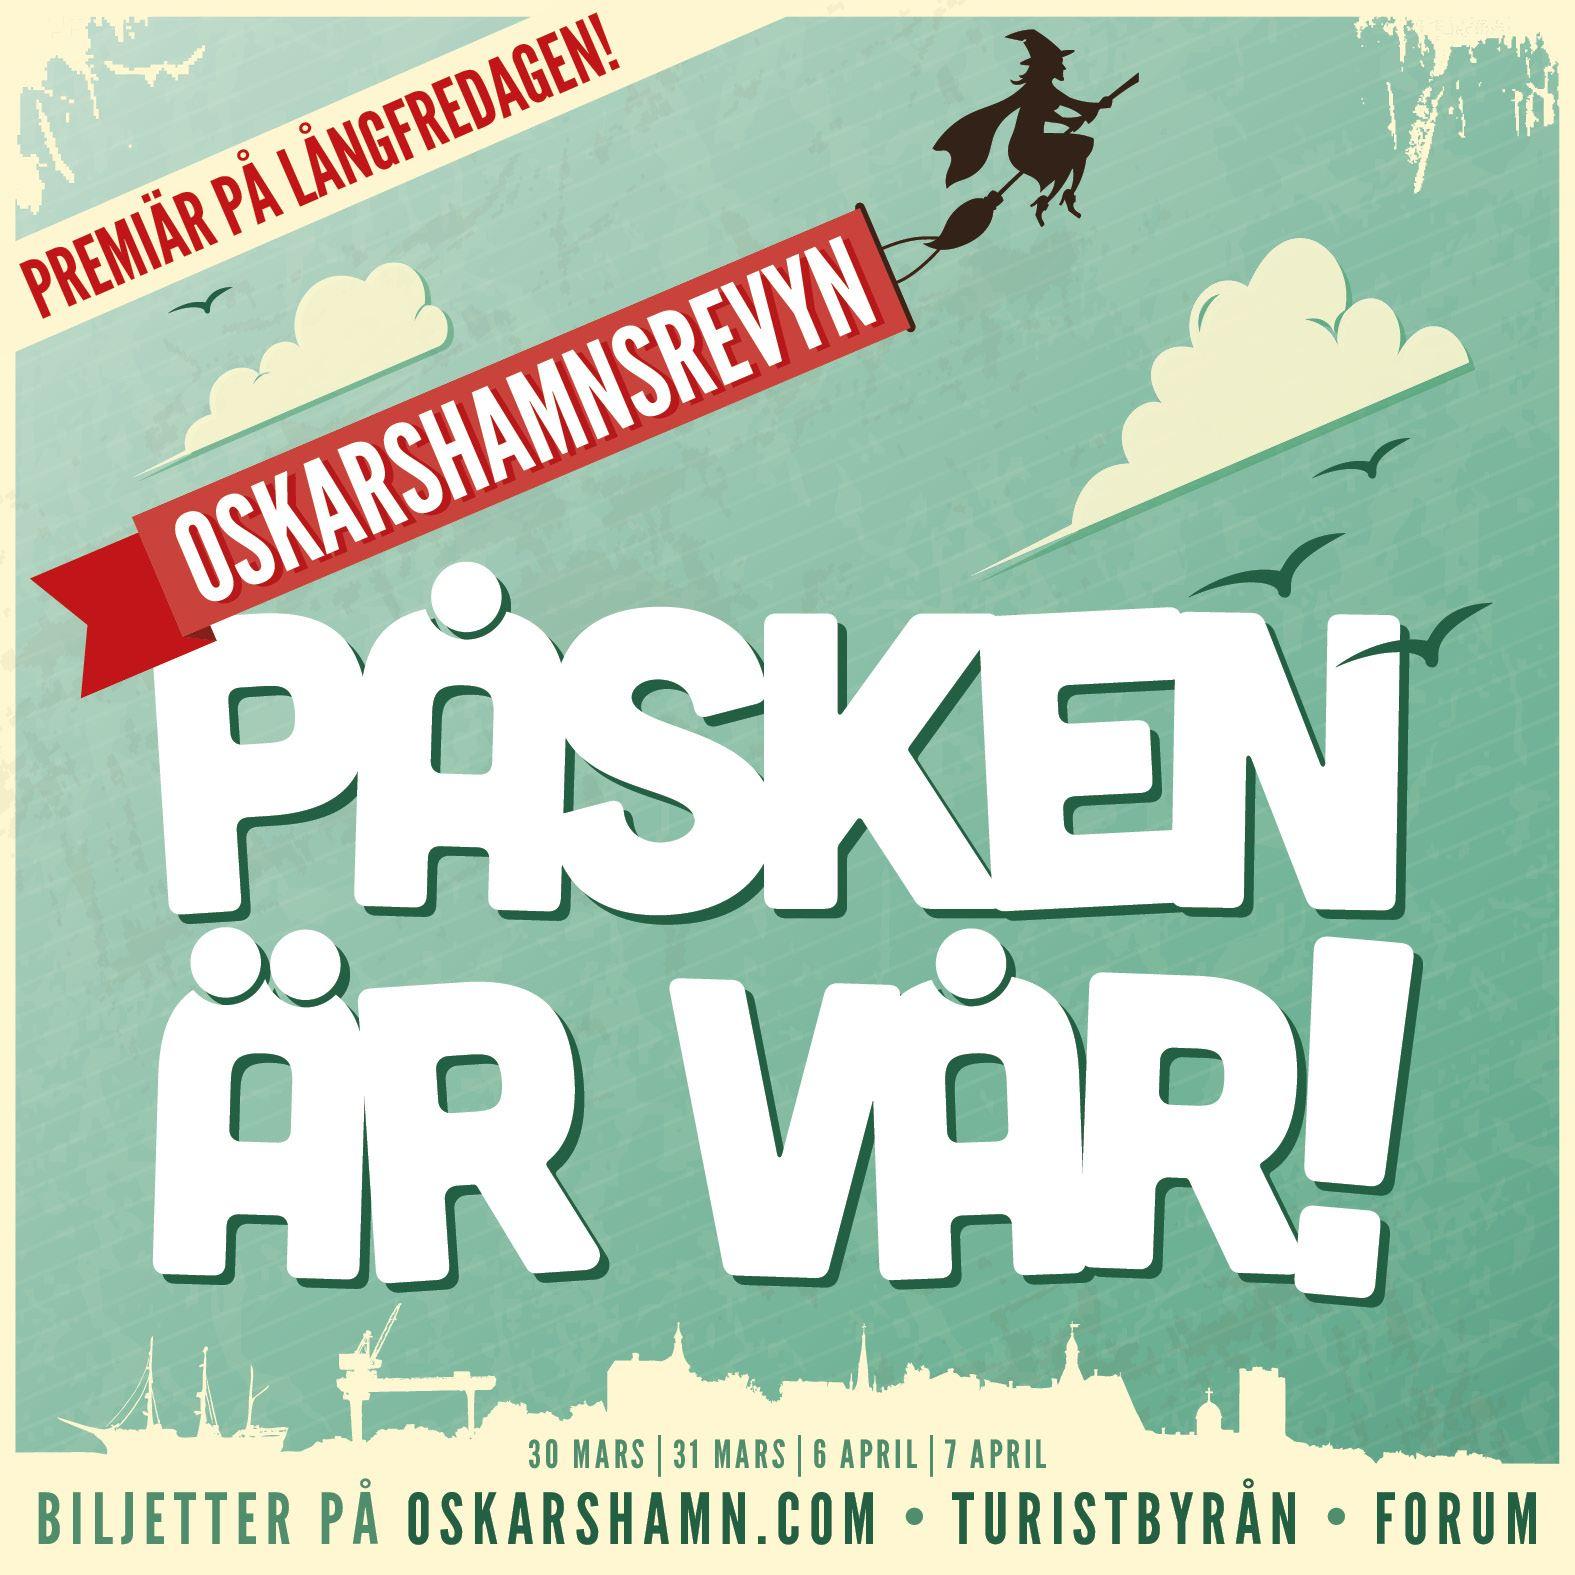 Oskarshamnsrevyn - Påsken är vår!